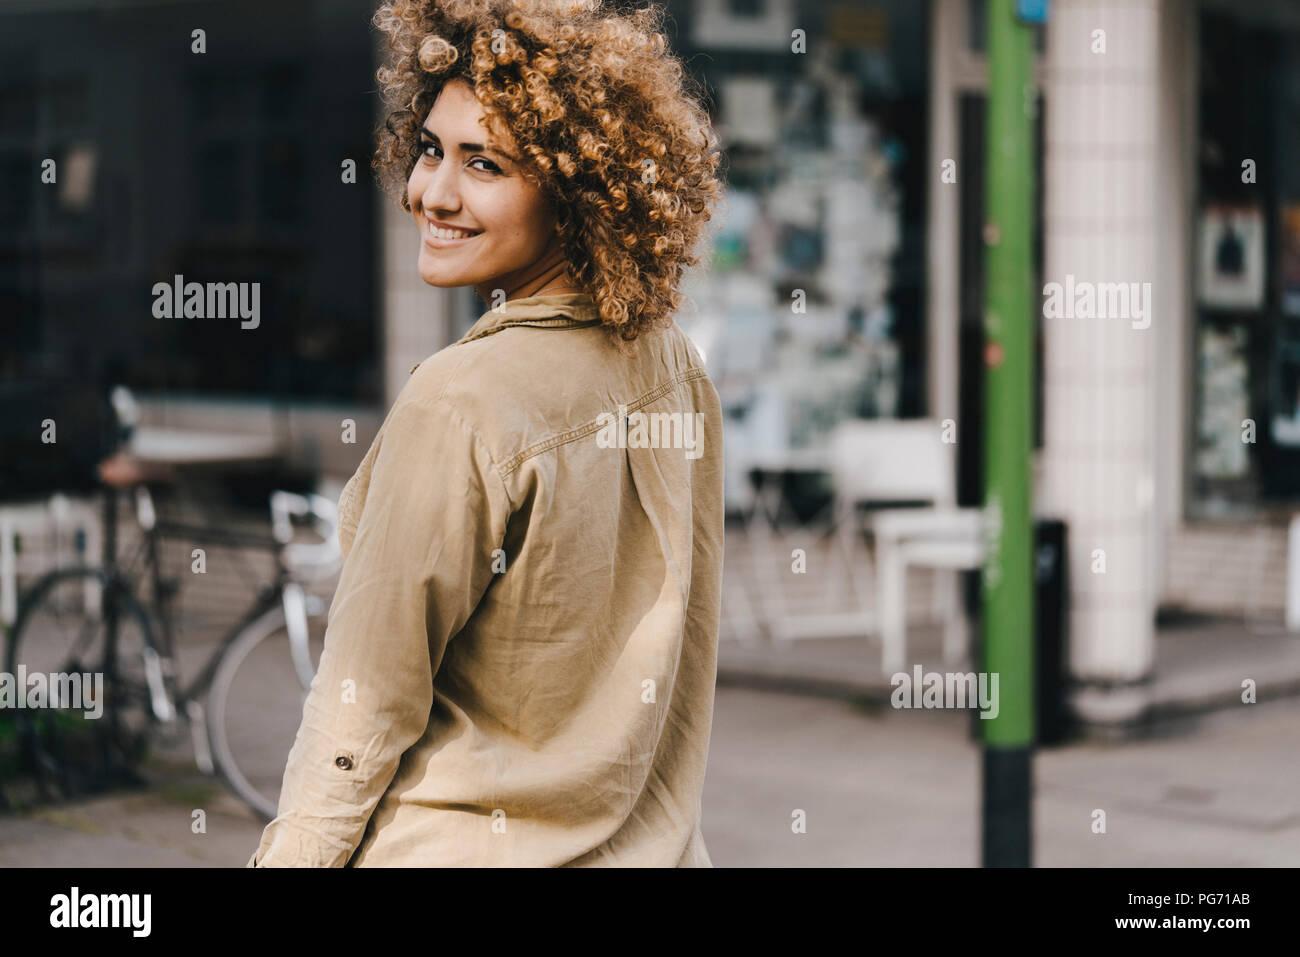 Femme dans la ville, à pied, smiling Photo Stock